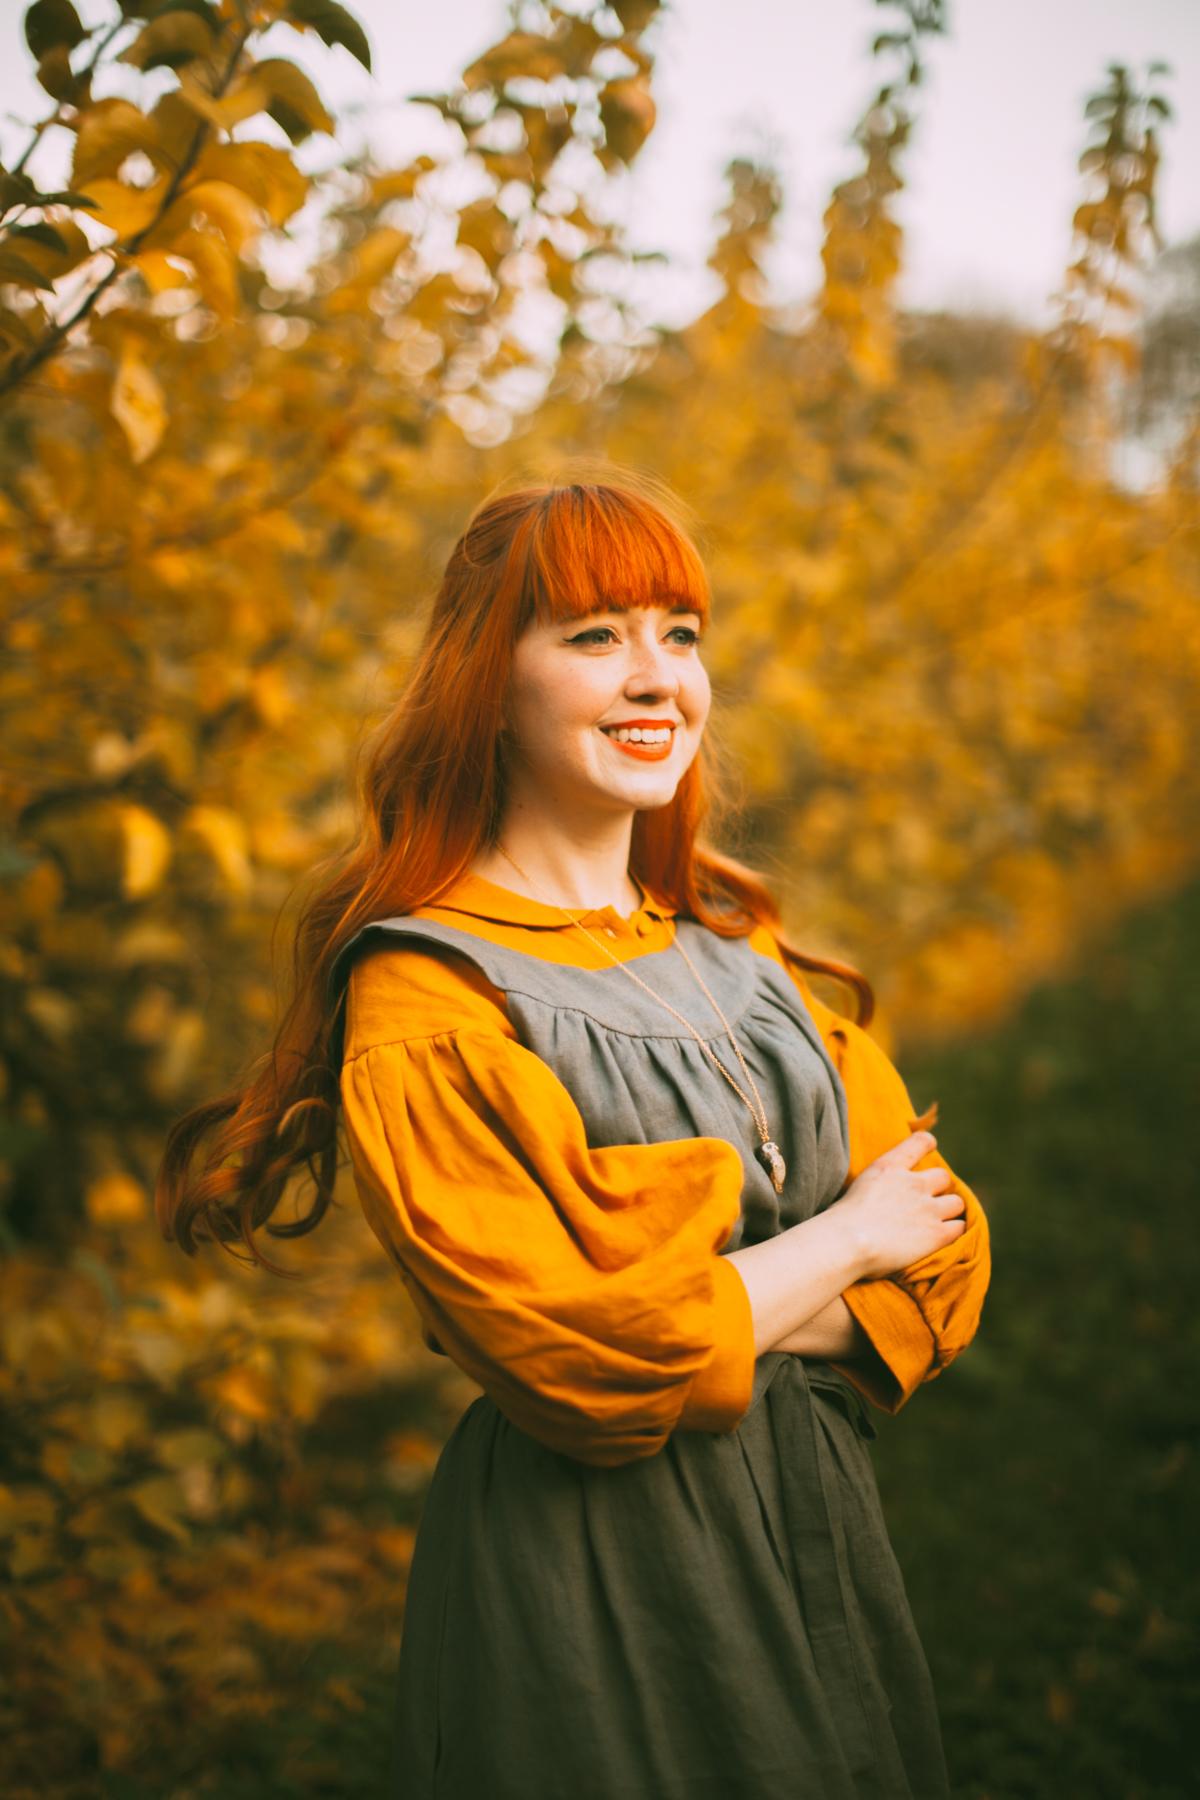 yelloworchard-46